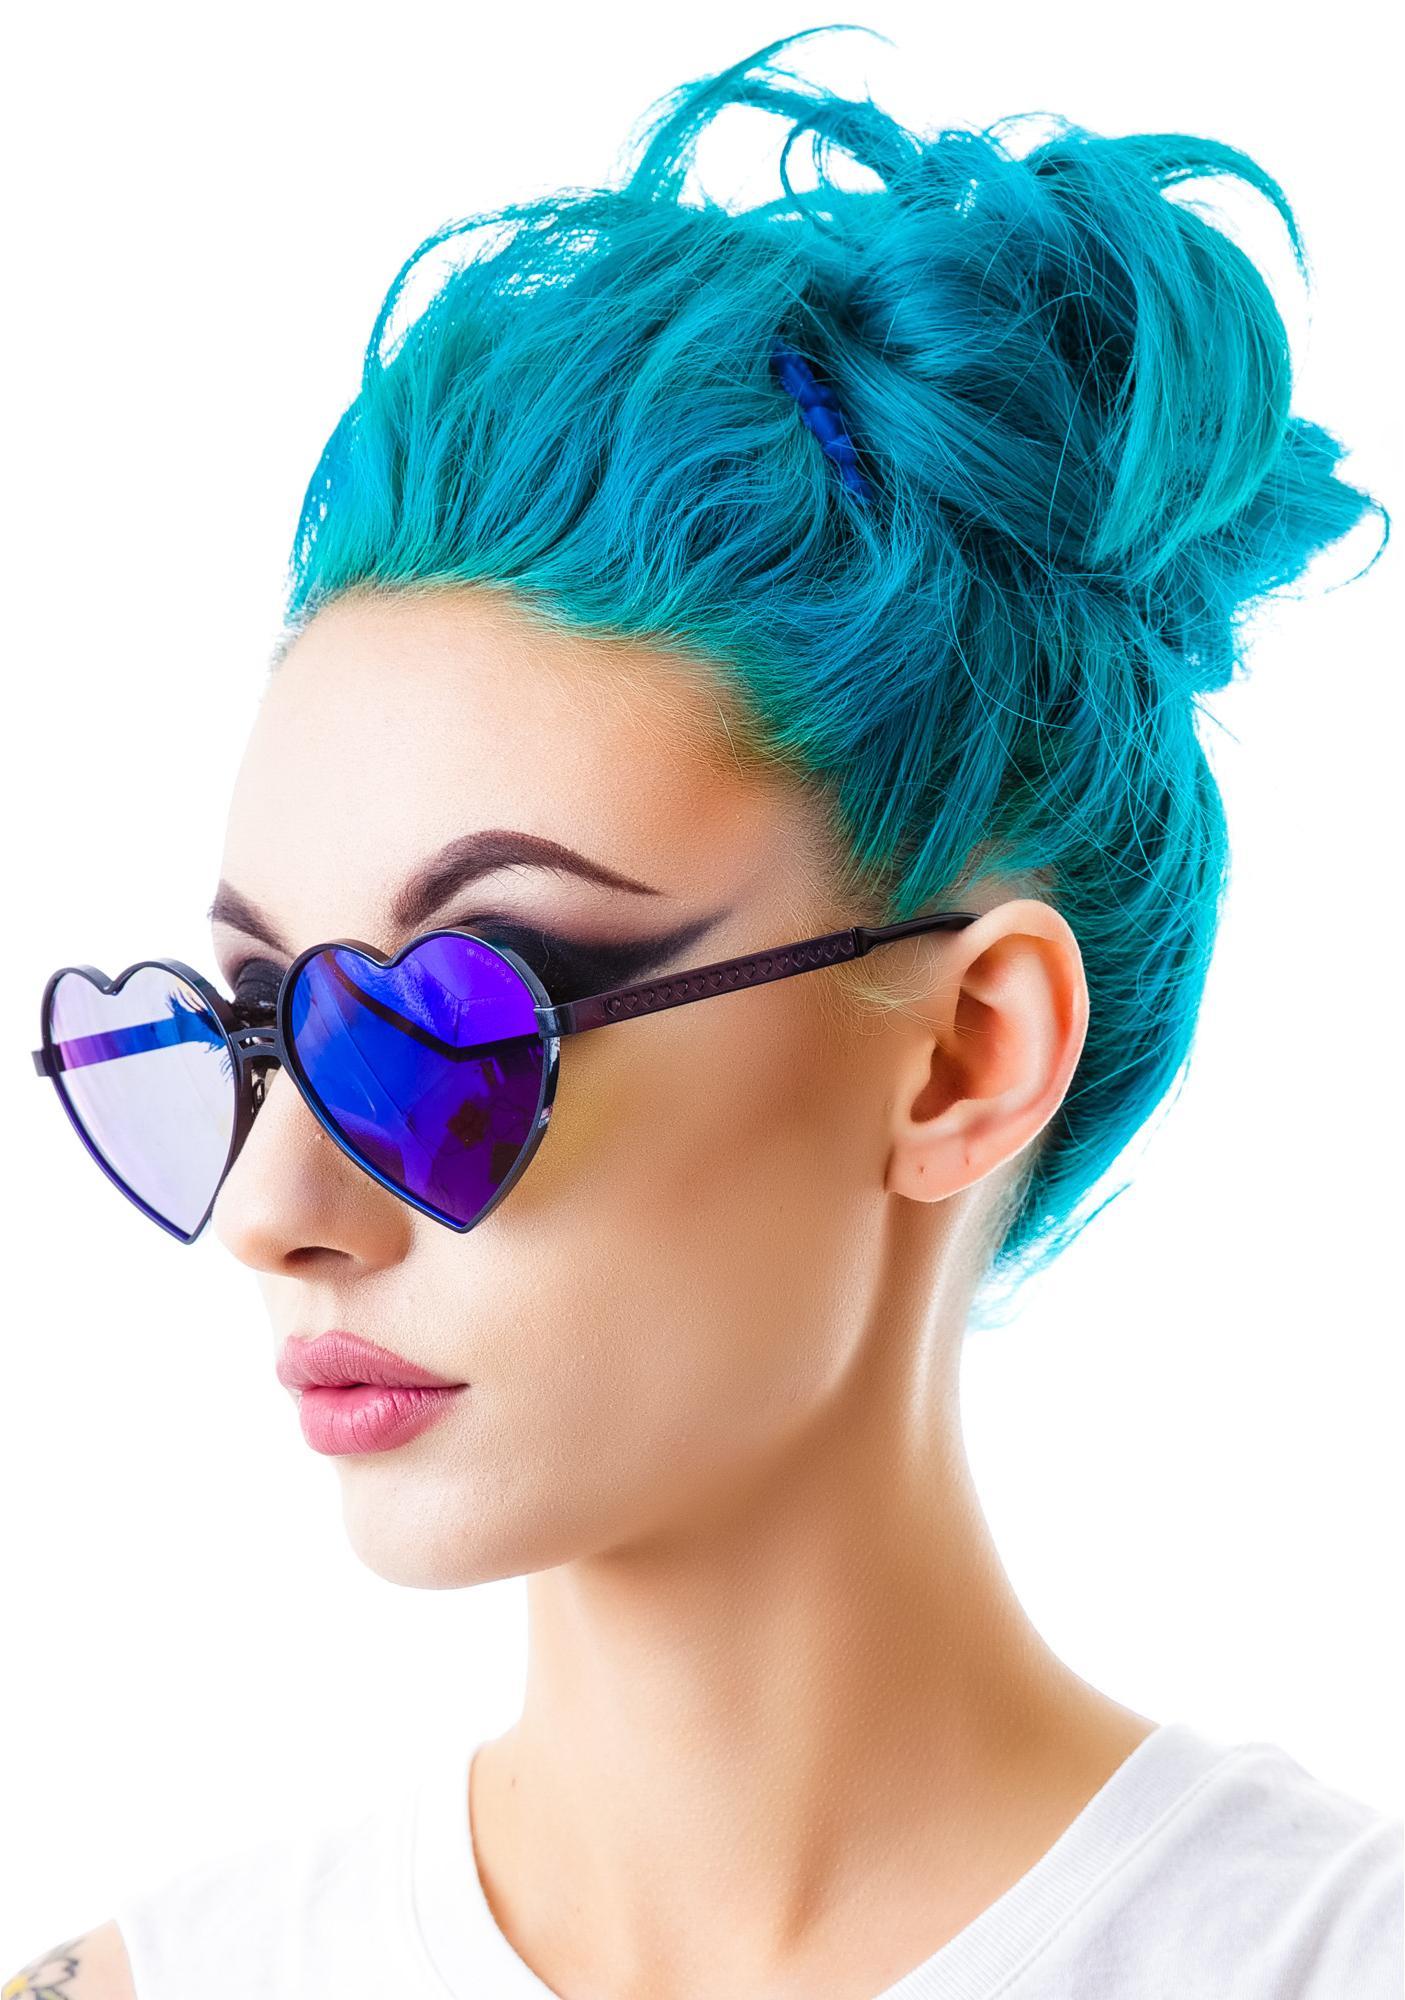 Wildfox Couture Lolita Deluxe Sunglasses